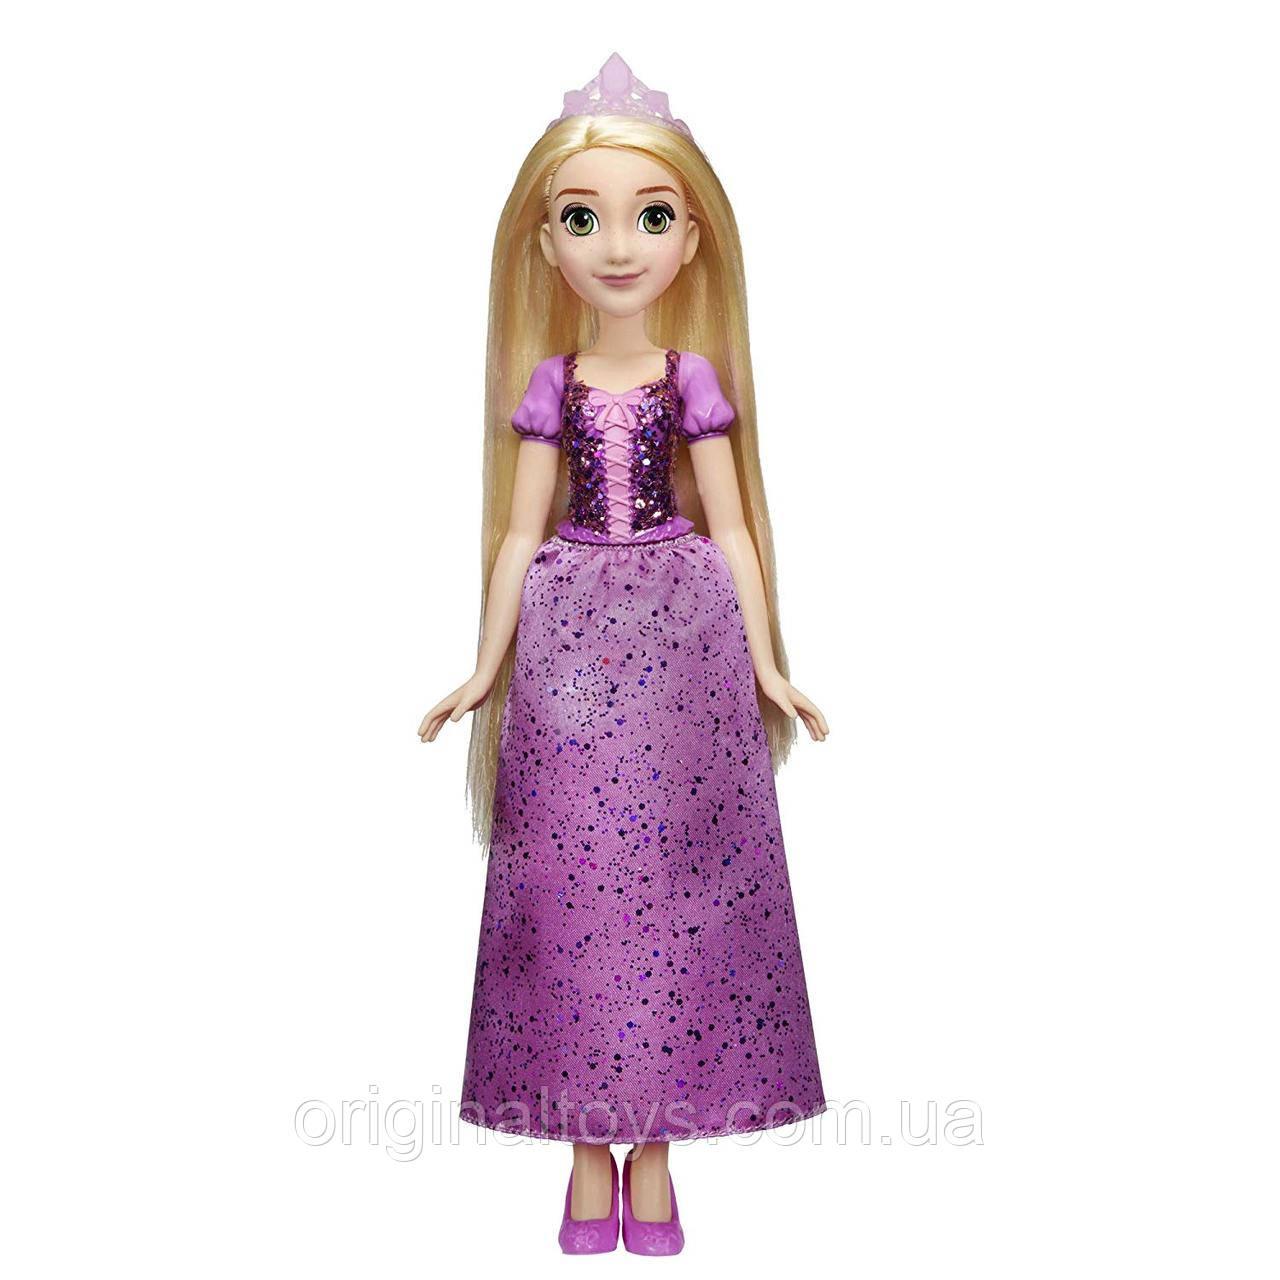 Лялька Рапунцель Disney Princess Royal Shimmer Hasbro